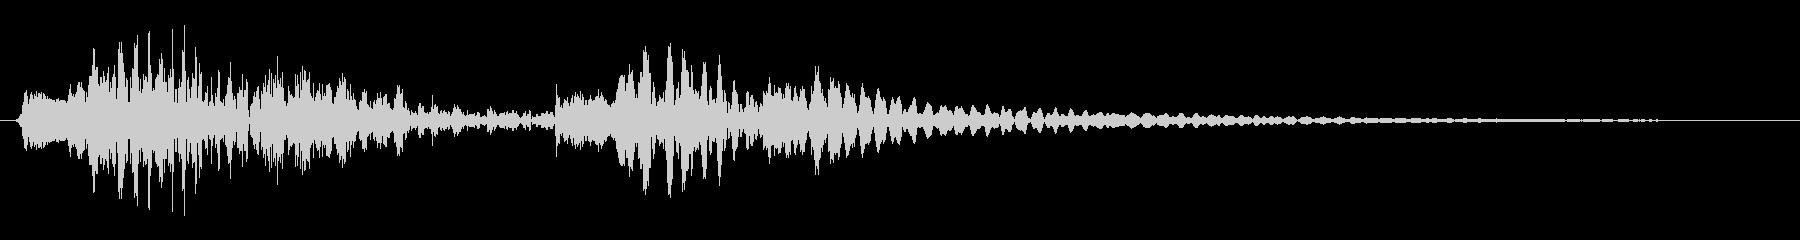 木琴やグロッケンのかわいらしい効果音の未再生の波形